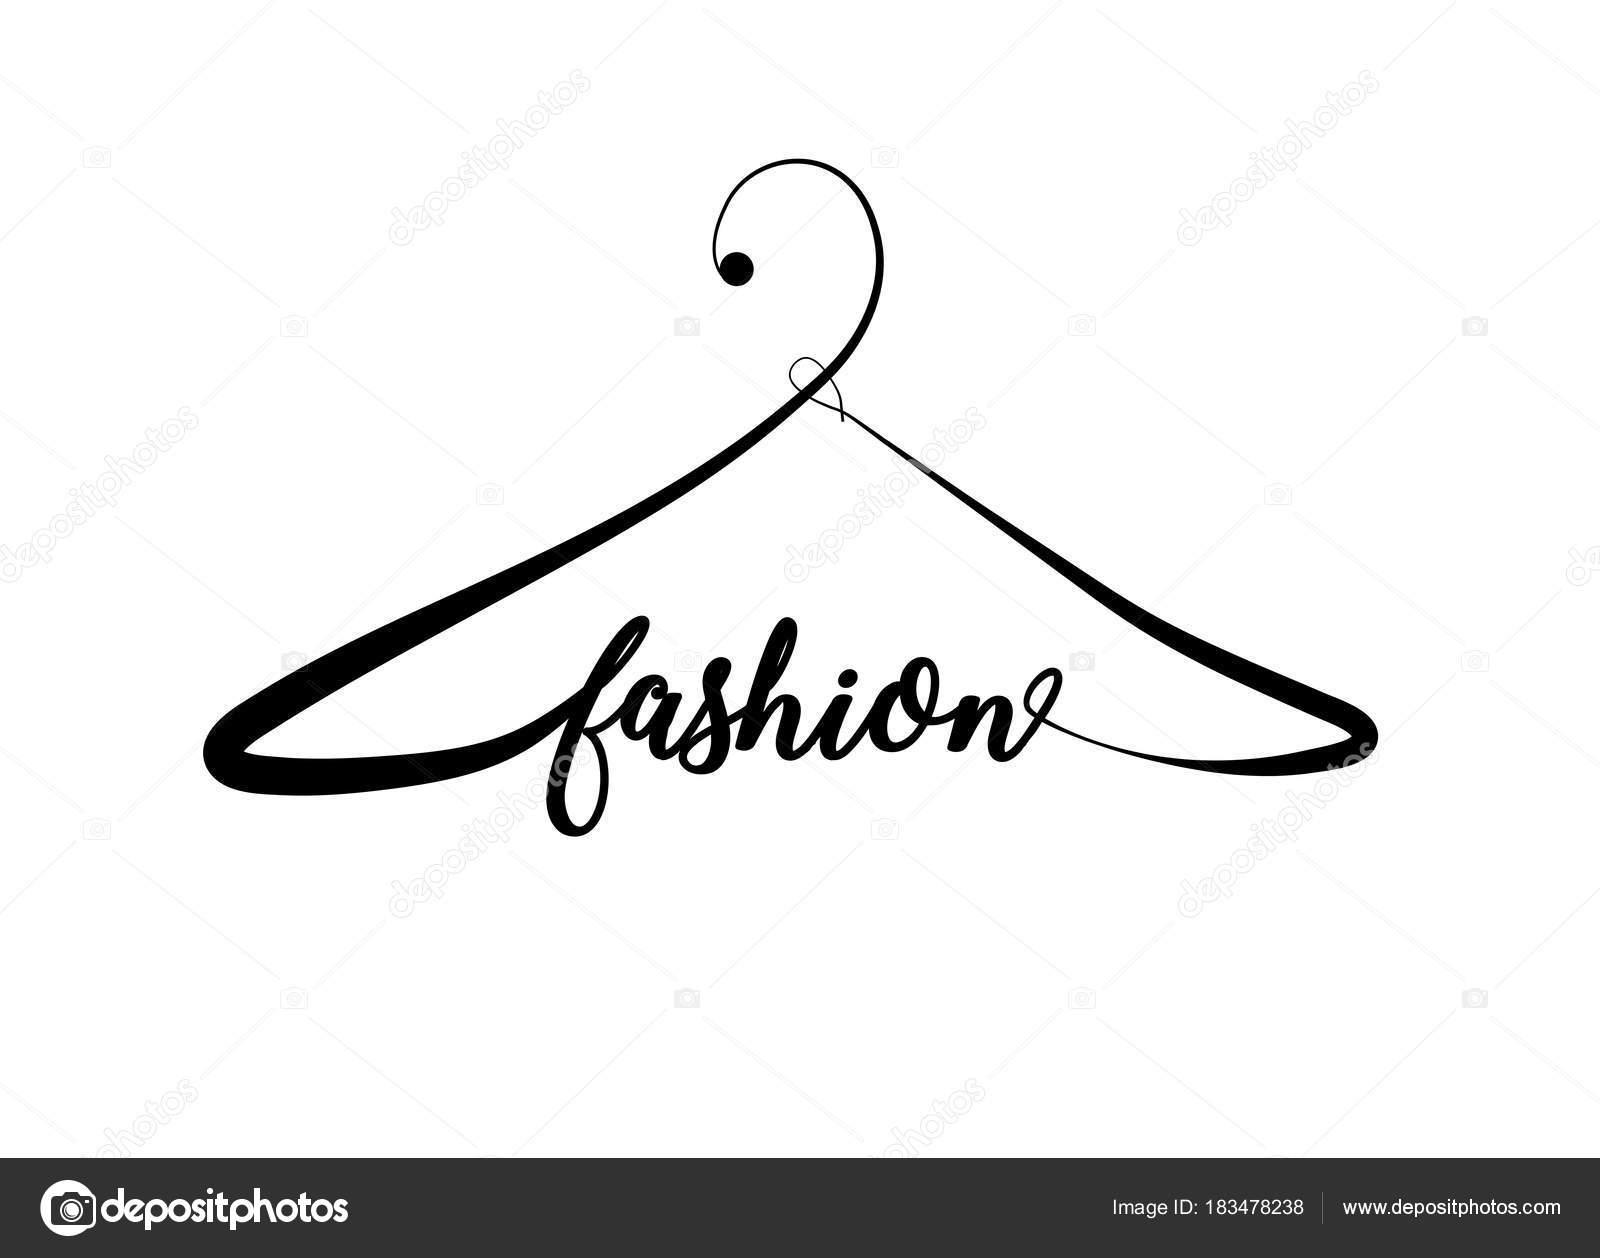 дизайн логотипа моды векторный знак с буквами и хань векторное изображение 169 ice storm 183478238